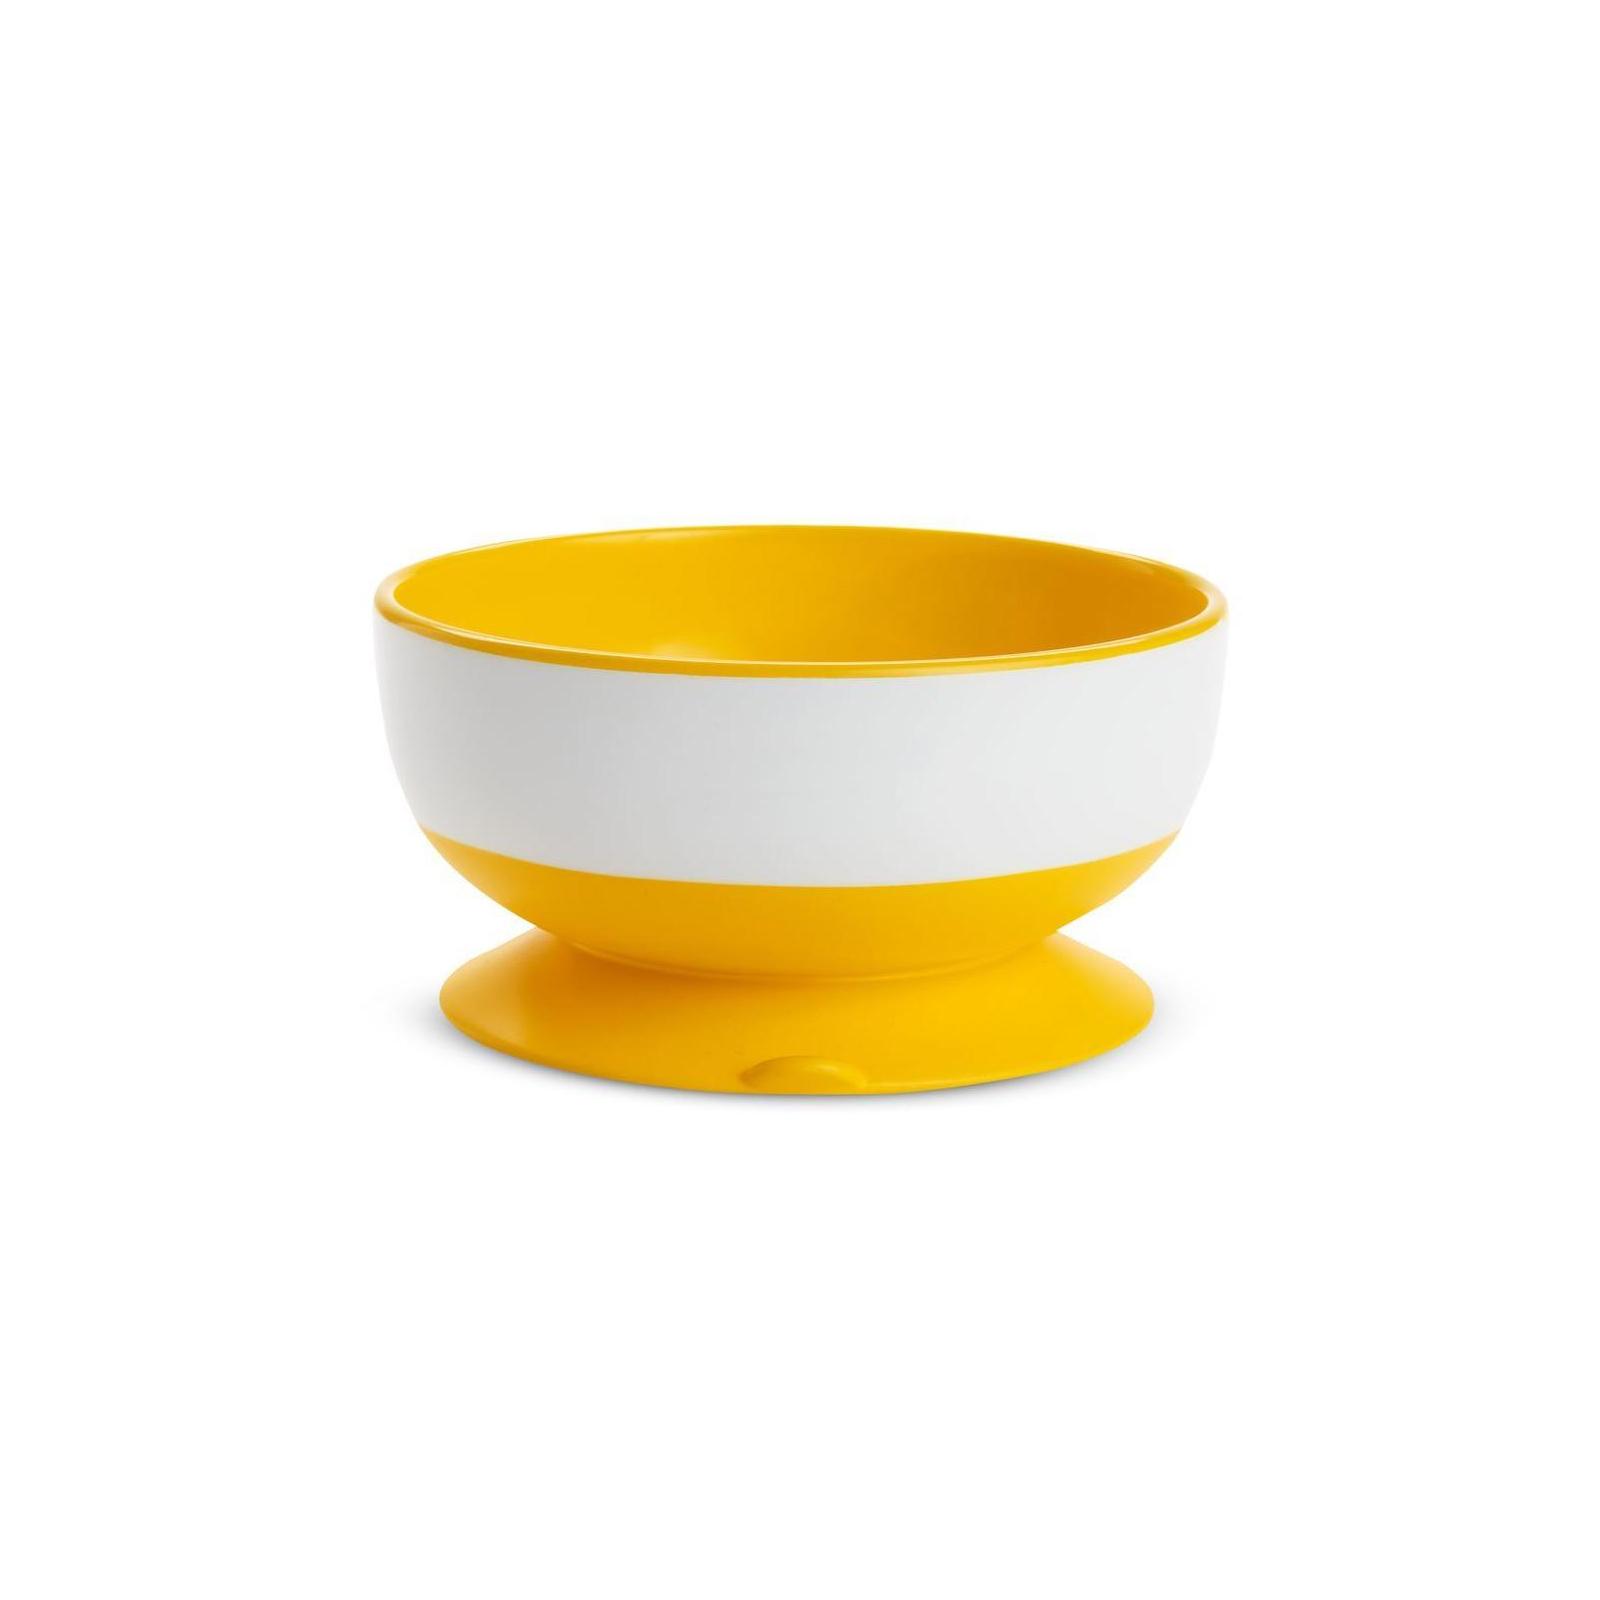 Набор детской посуды Munchkin тарелки с присосками 3 шт. (01107504) изображение 5